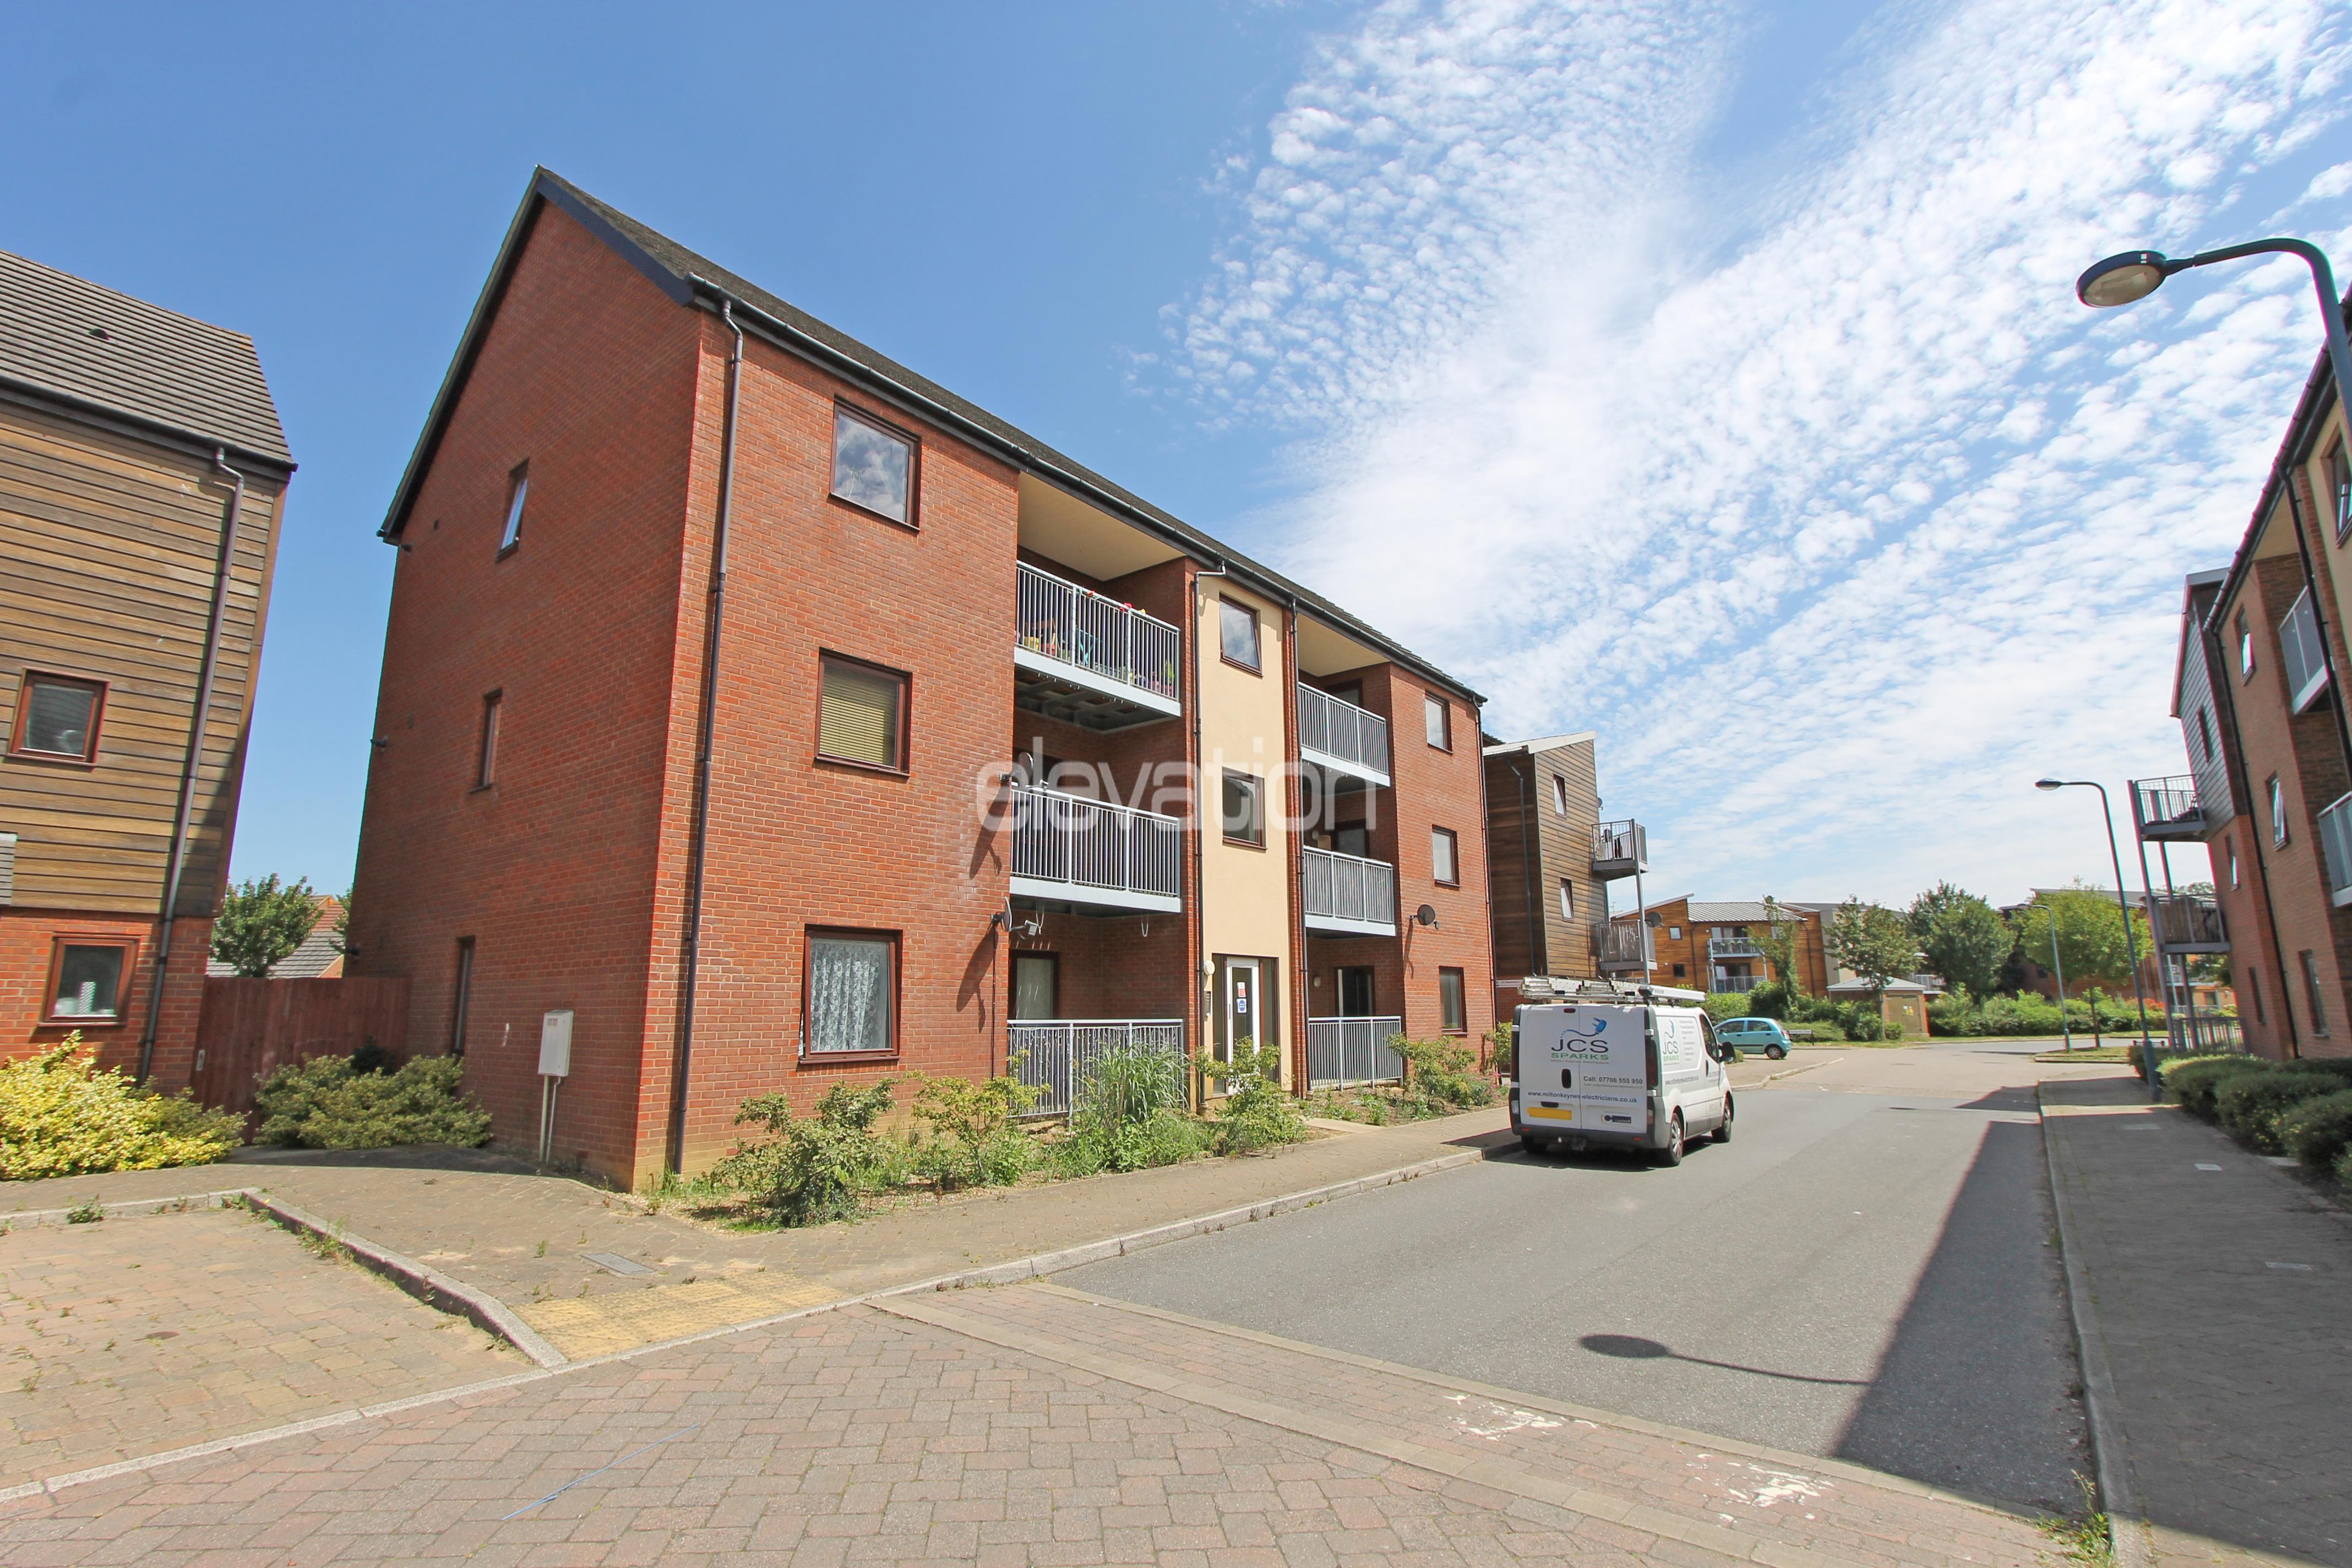 Swanwick Lane, Milton Keynes, Buckinghamshire Image